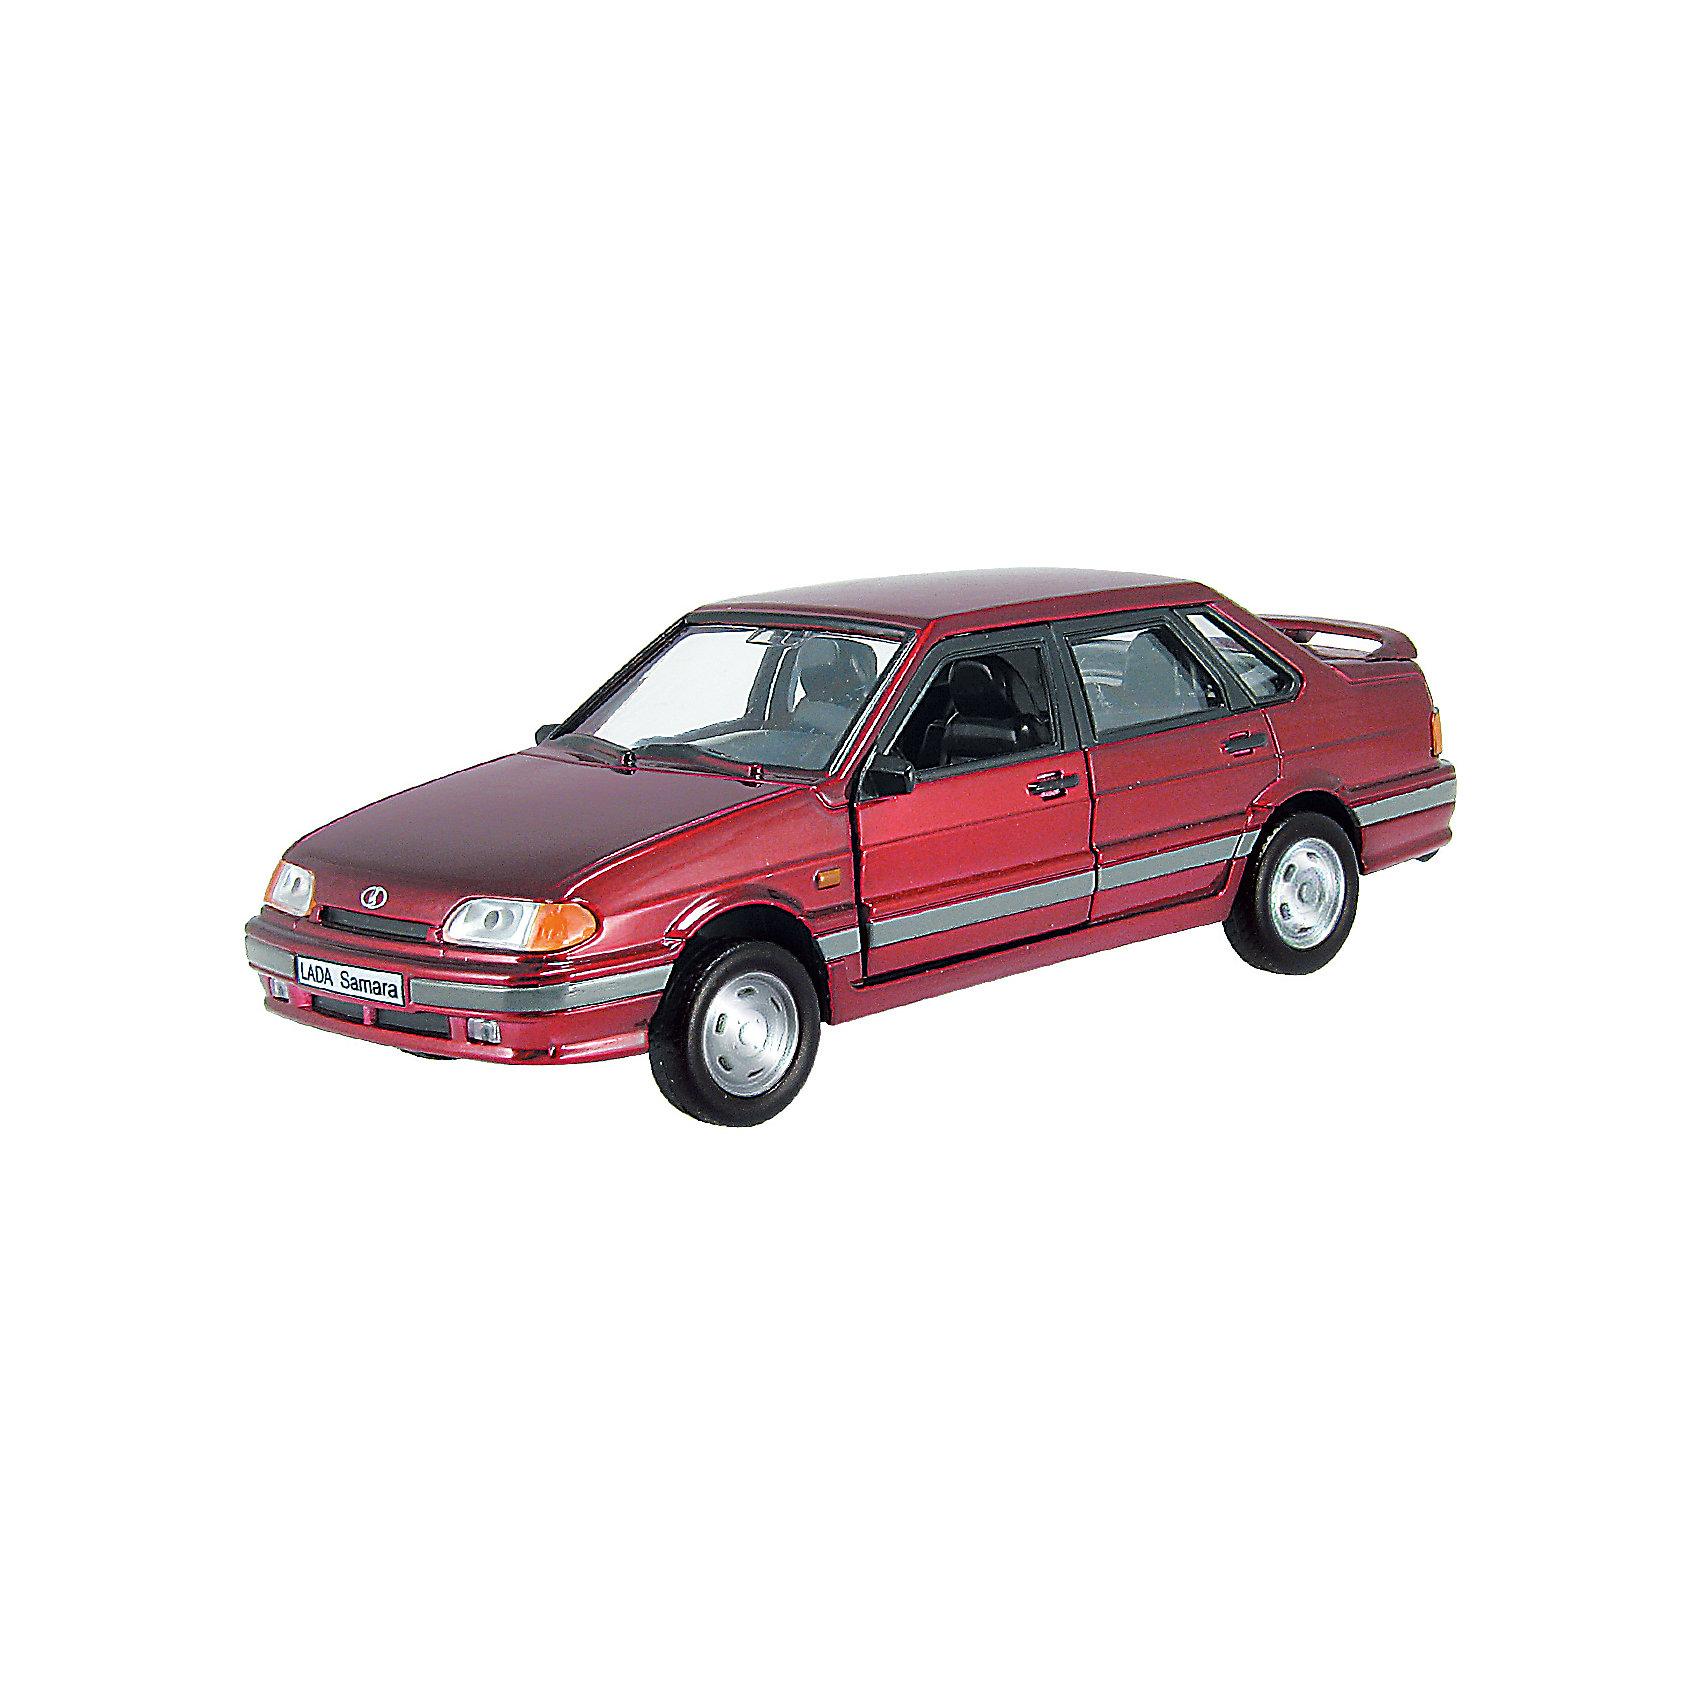 Машина LADA SAMARA, гражданская,  1:36МашинаLADA SAMARA,  - коллекционная модель, являющая копией настоящего автомобиля, сделанной в масштабе 1:36. Машинка станет прекрасным подарком всем юным автолюбителям и займет достойное место в любой коллекции автомобилей. Игрушка имеет инерционный механизм и открывающиеся двери, выполнена из высококачественных прочных безопасных материалов. <br><br>Дополнительная информация:<br><br>- Материал: пластик, металл.<br>- Масштаб: 1:36.<br>- Колеса подвижные.<br>- Двери открываются.<br>- Инерционный механизм. <br><br>Машину LADA SAMARA, гражданская,  1:36, можно купить в нашем магазине.<br><br>Ширина мм: 165<br>Глубина мм: 57<br>Высота мм: 72<br>Вес г: 175<br>Возраст от месяцев: 36<br>Возраст до месяцев: 84<br>Пол: Мужской<br>Возраст: Детский<br>SKU: 4515346